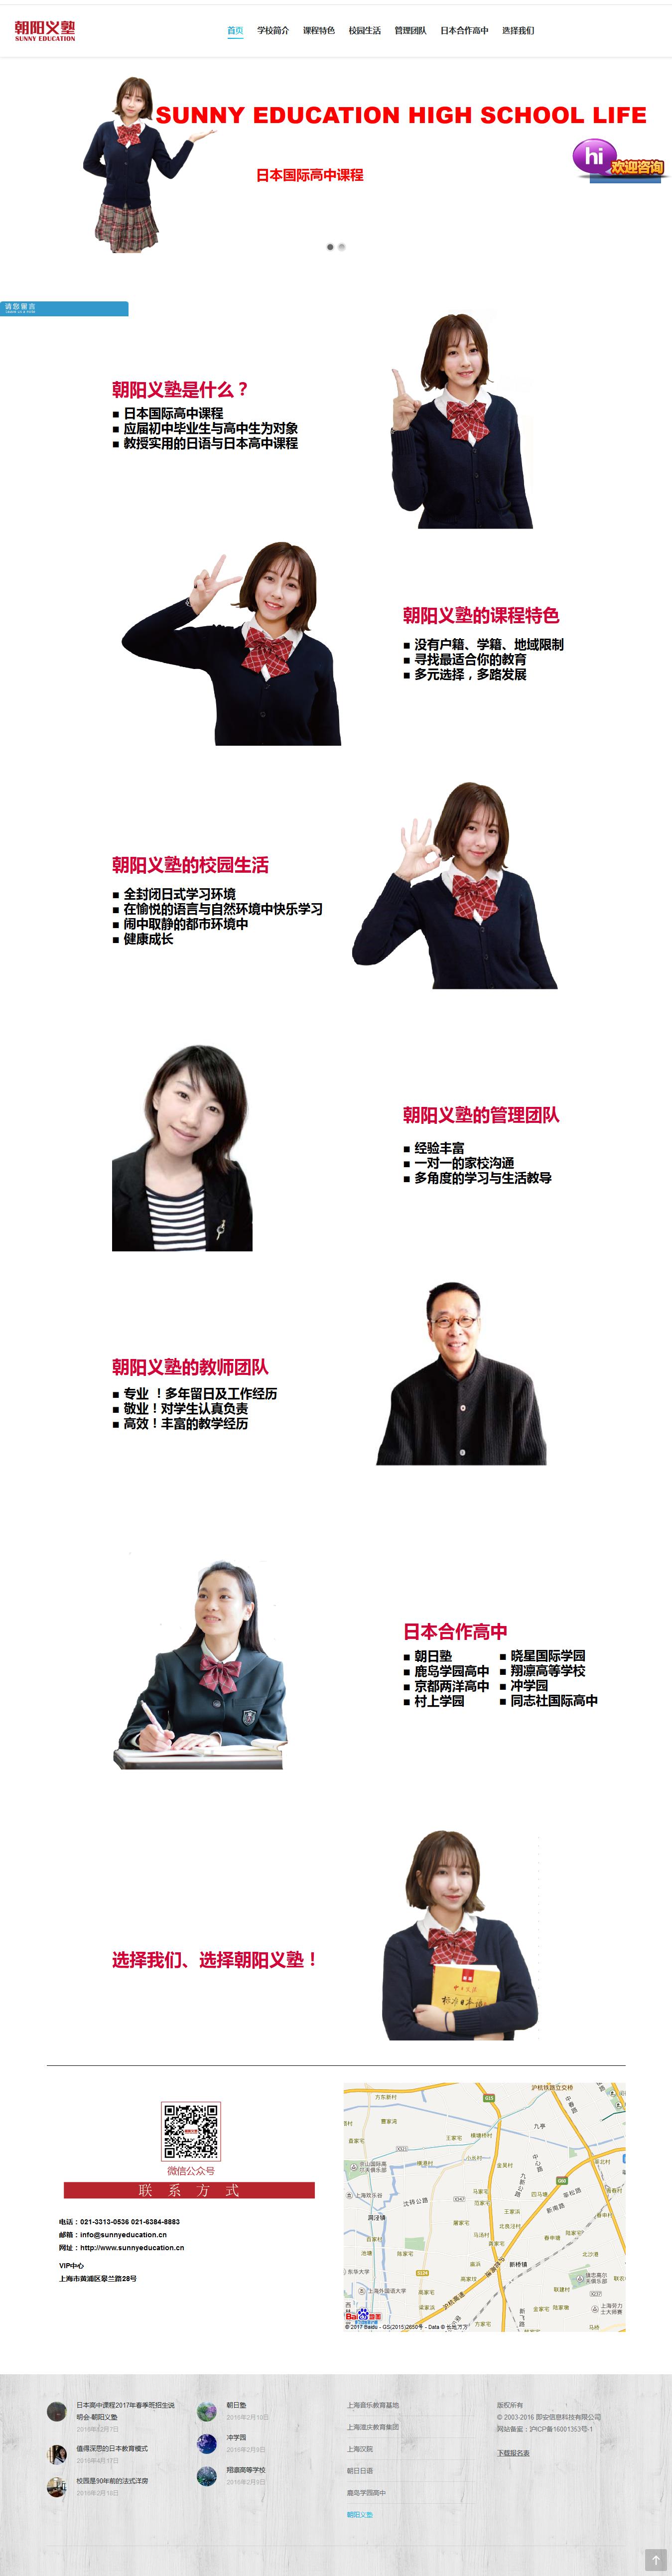 211 朝阳义塾(上海)